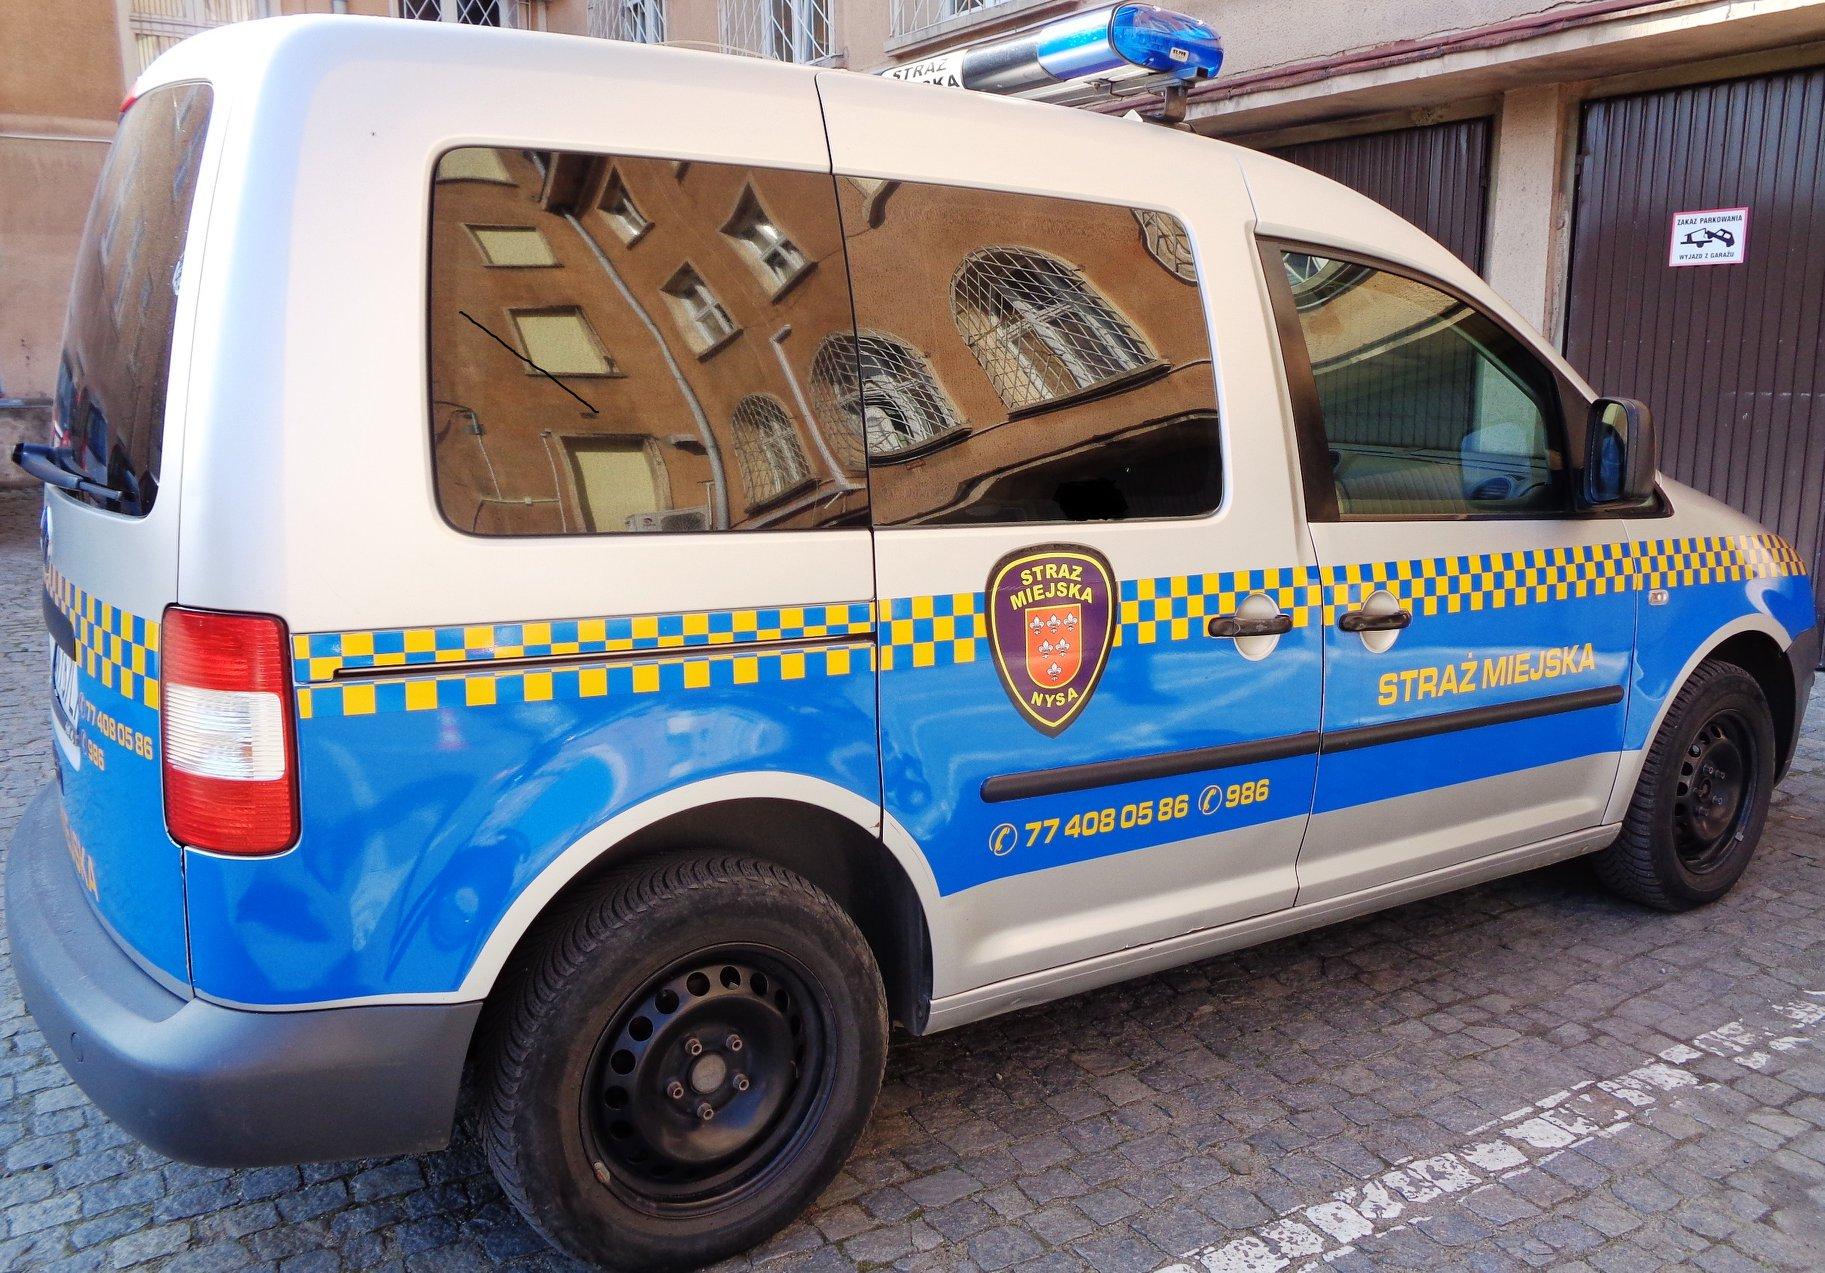 Dobra współpraca Straży Miejskiej i Policji